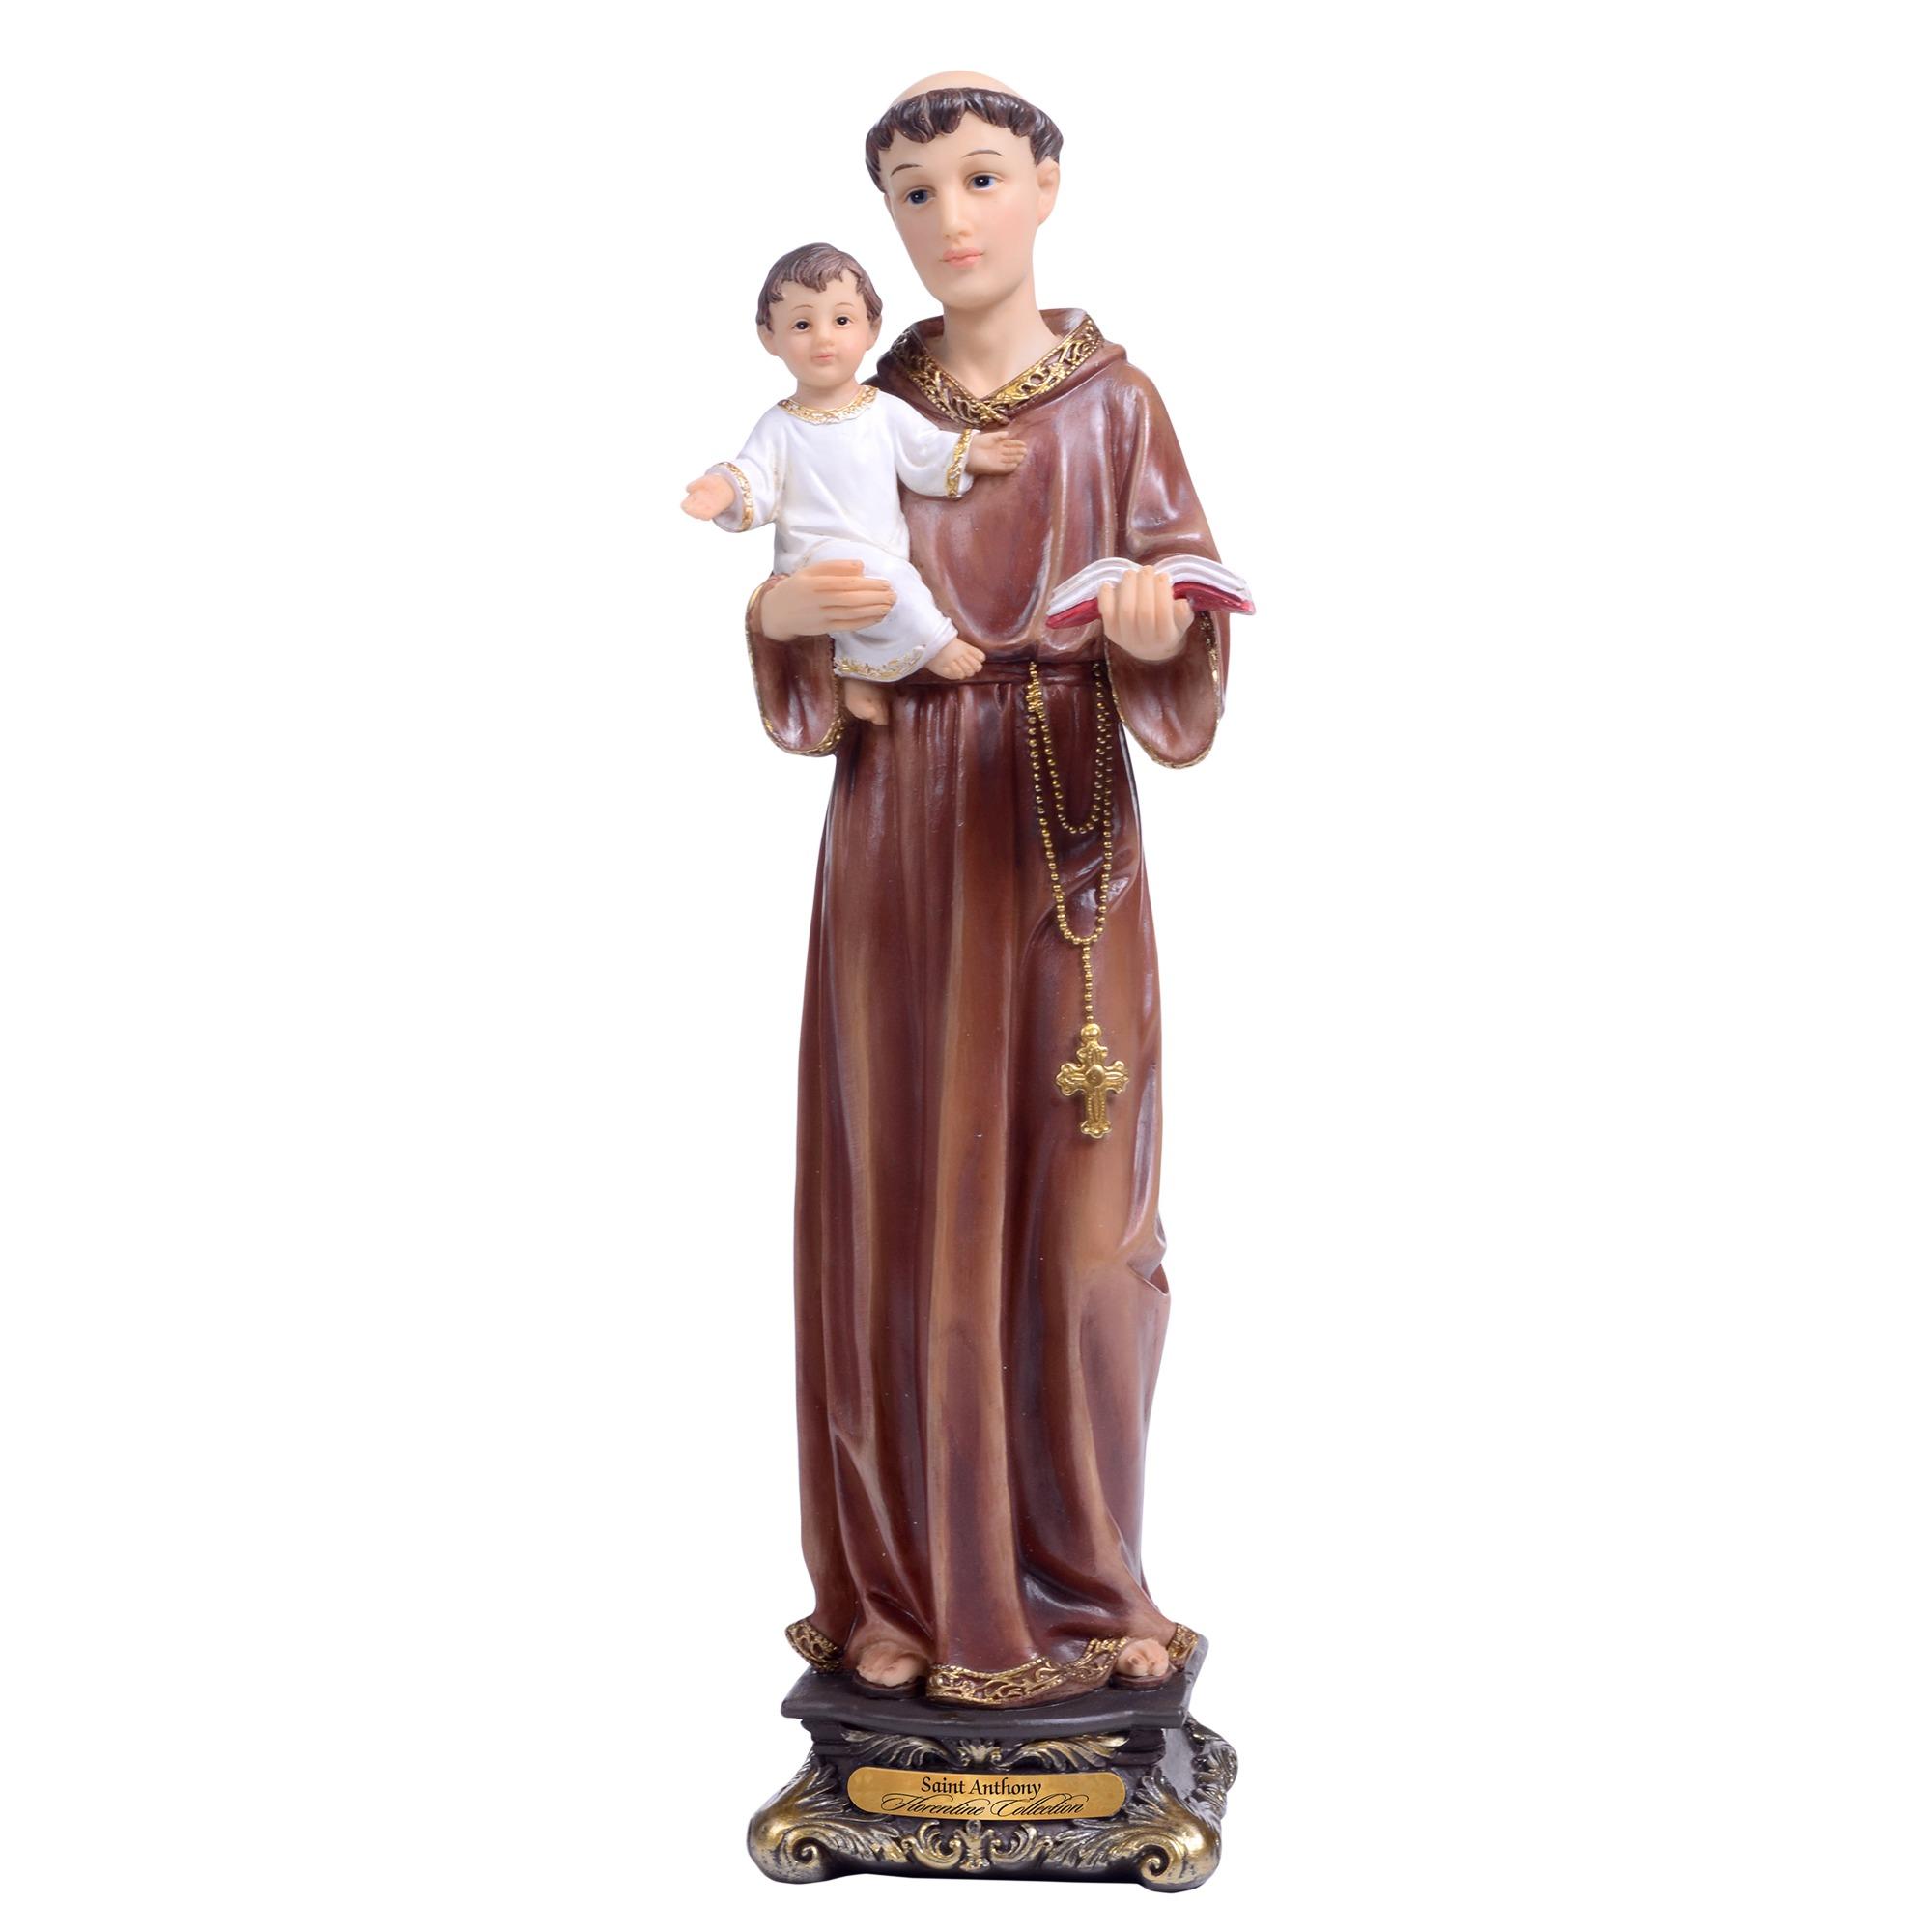 St Anthony Statue 8 The Catholic Company